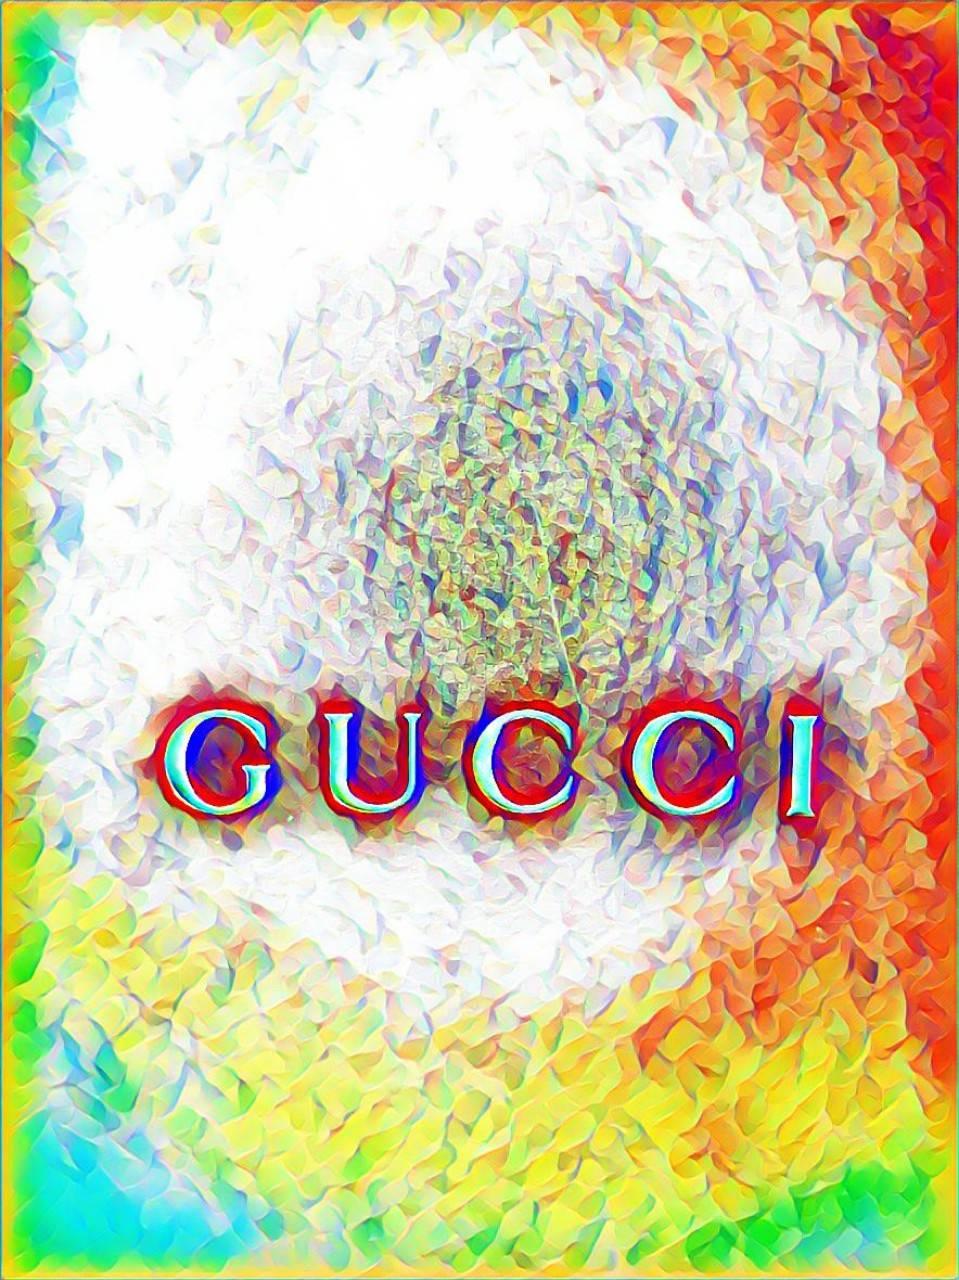 Colorful Gucci